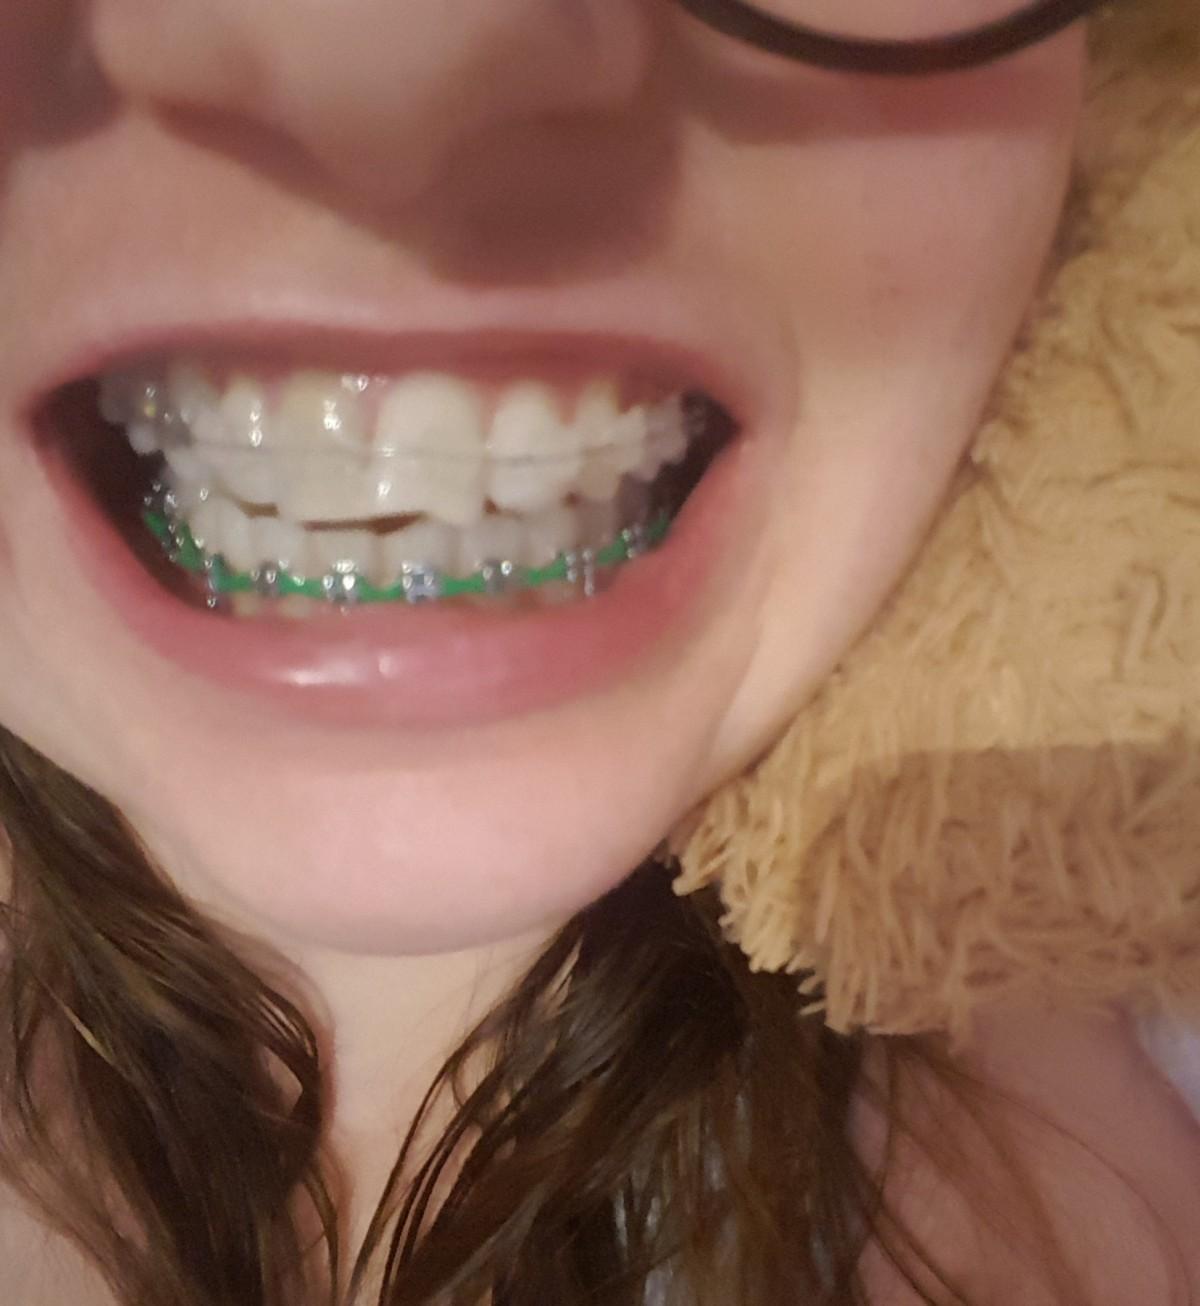 Po 7 miesiącach leczenia ortodontycznego